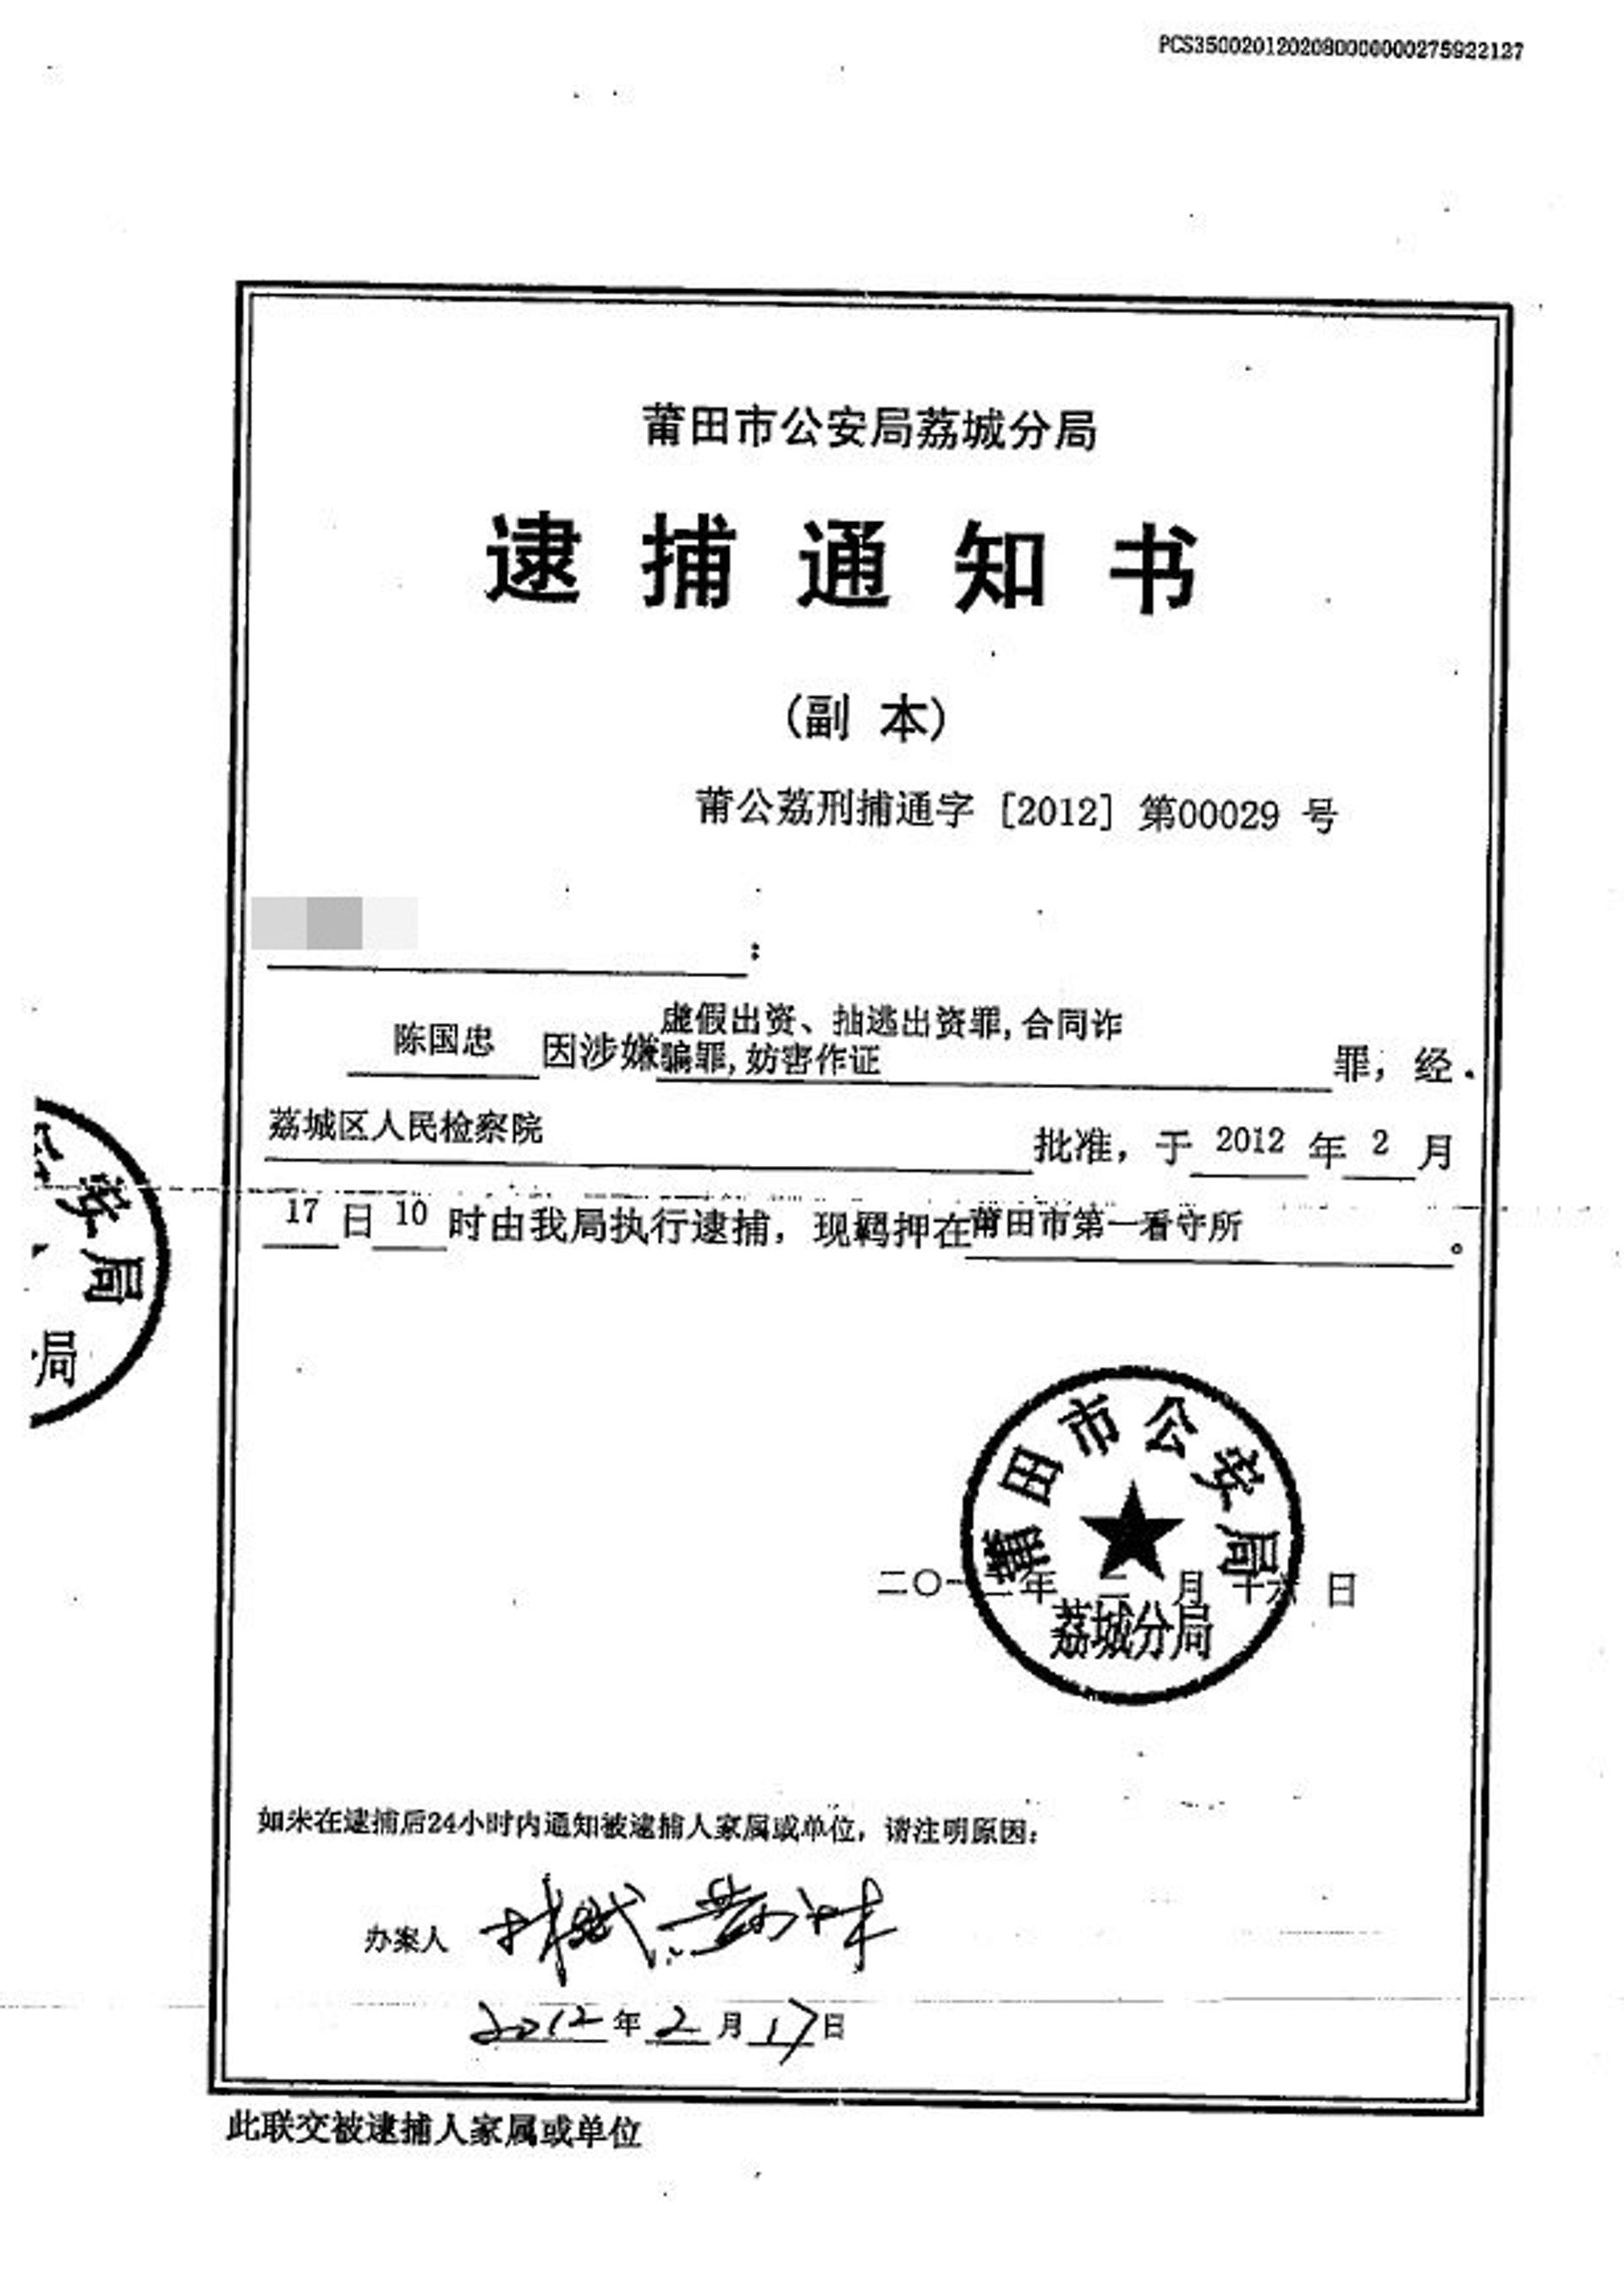 港商陳國忠因涉嫌虛假出資、抽逃出資罪、合同詐騙罪及妨害作證罪,被羈押在看守所。